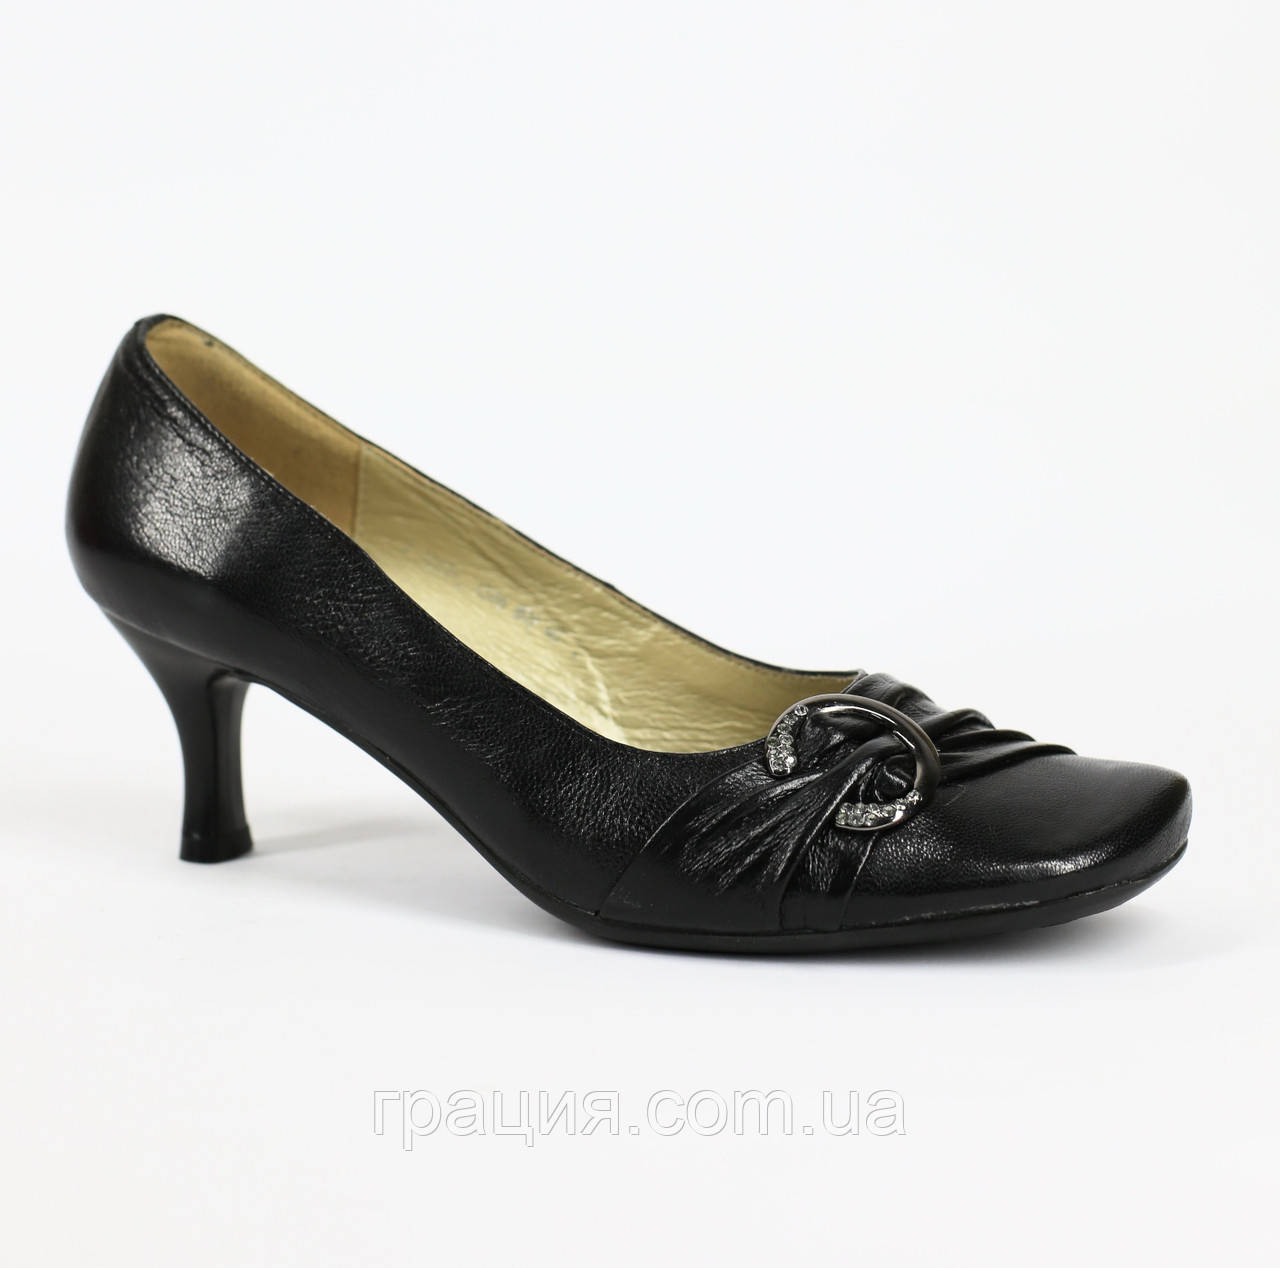 Туфли кожаные женские на не большем каблуке